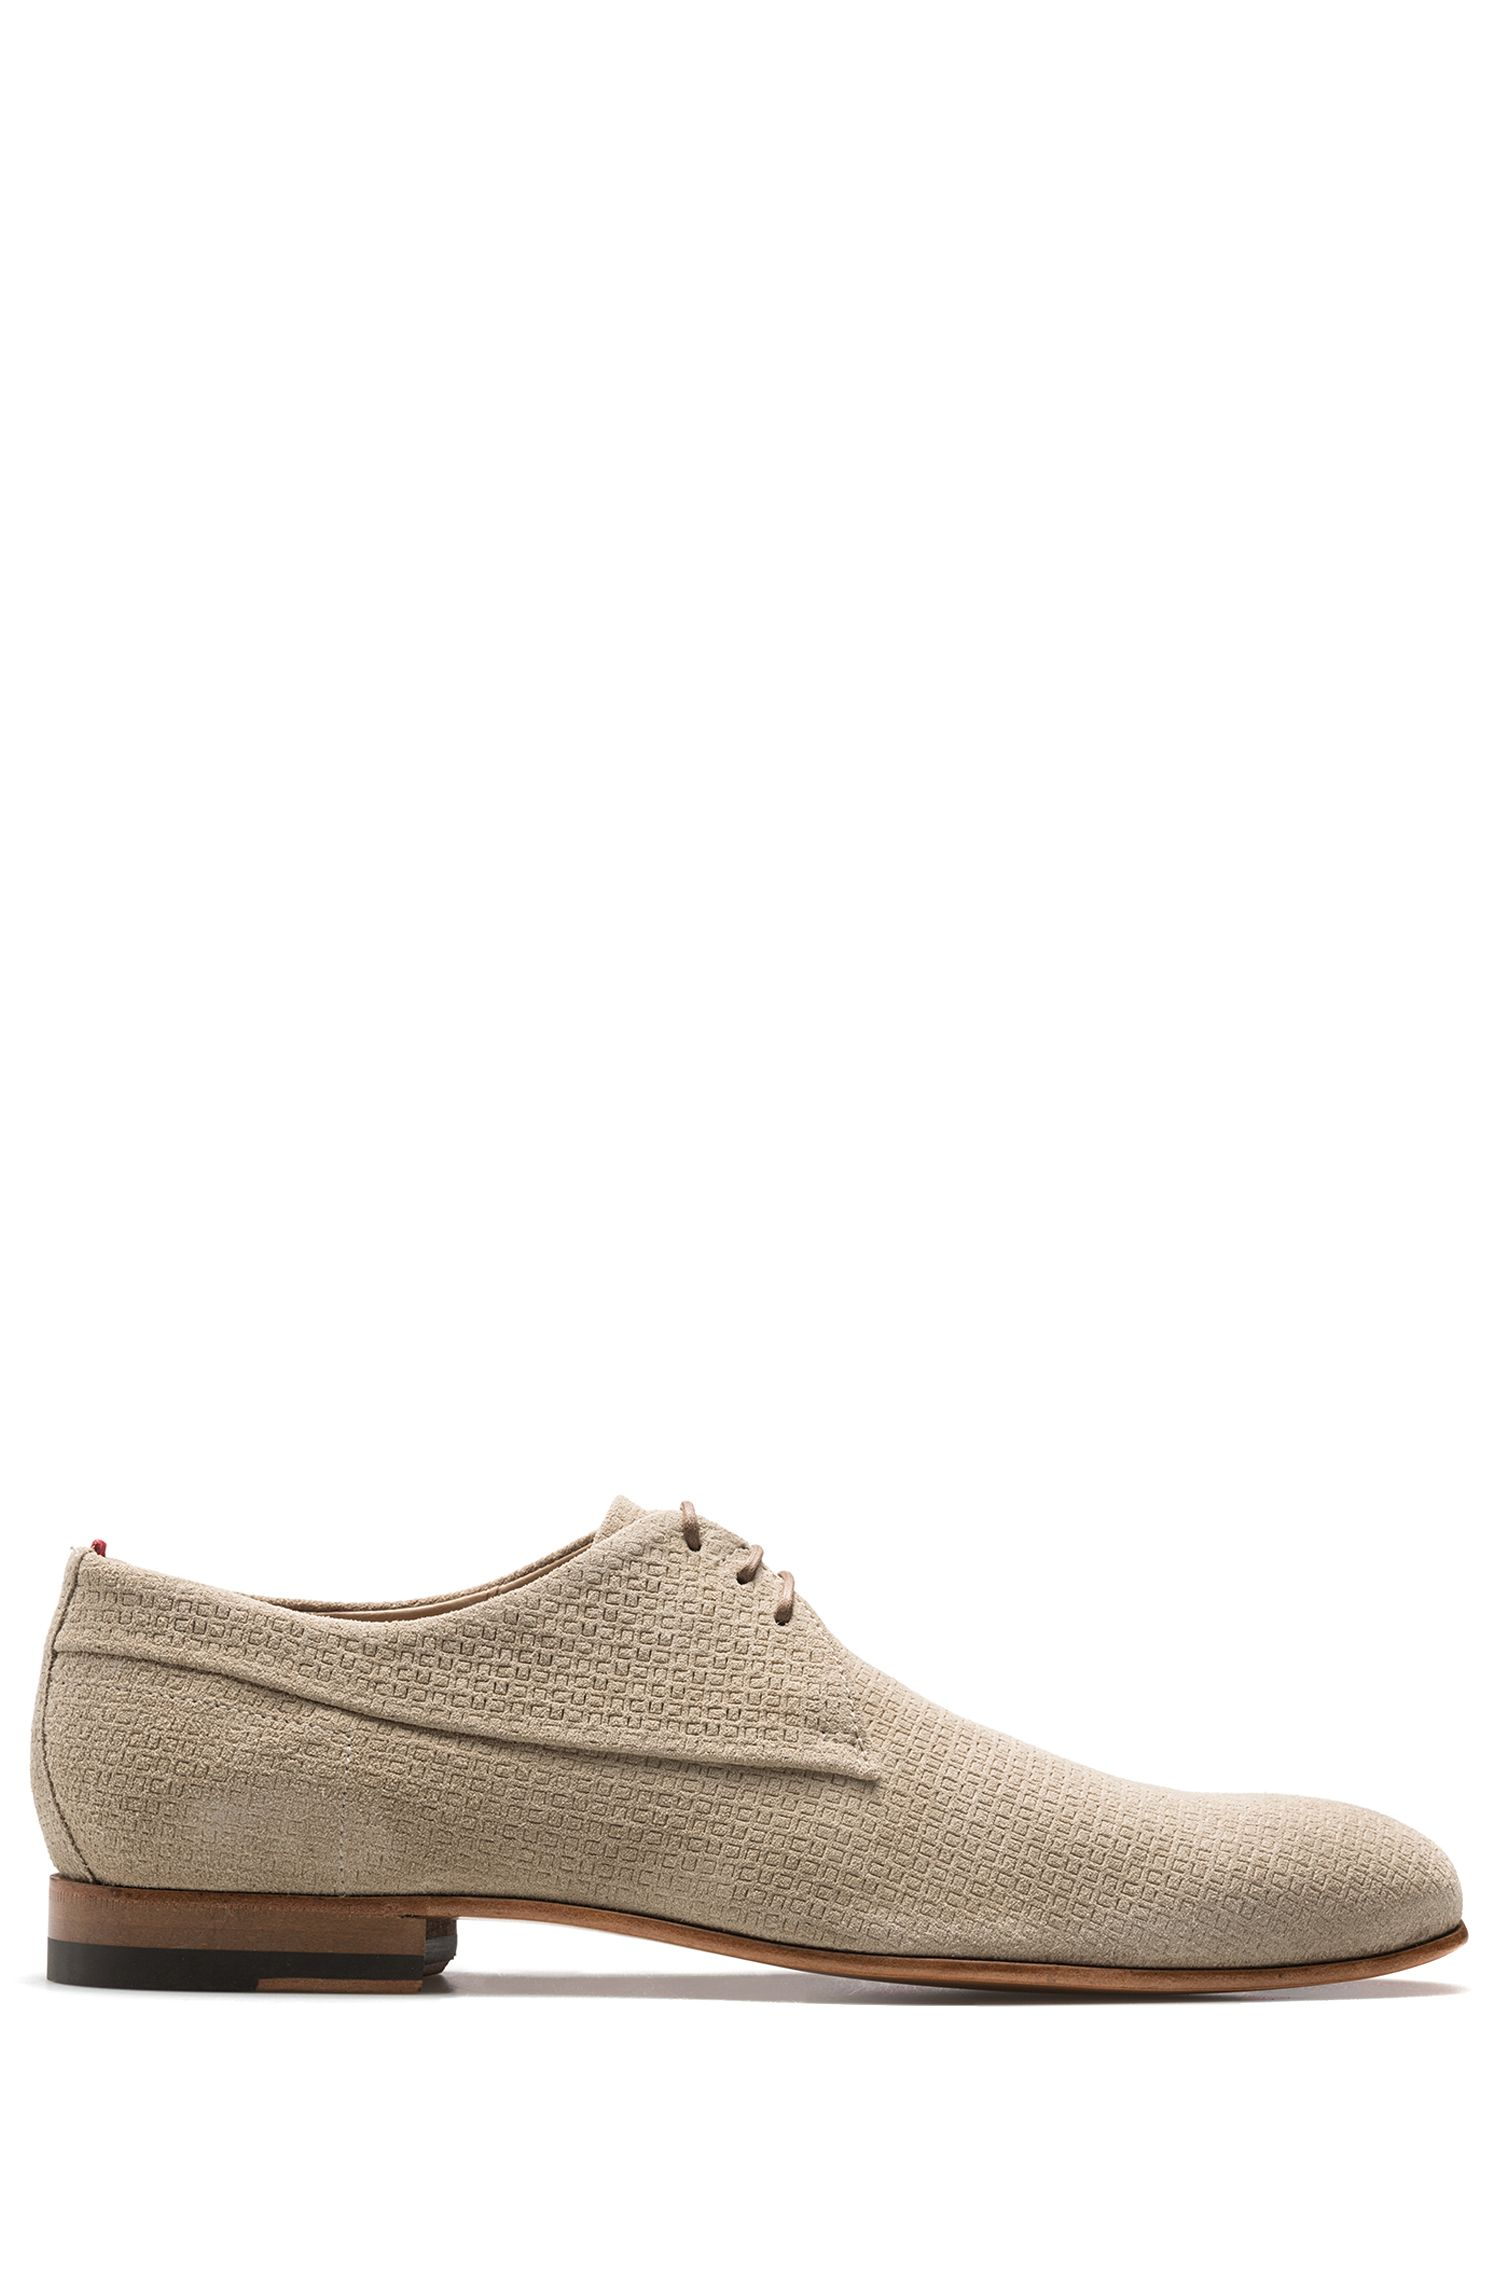 Suede Derby Shoe | Cordoba , Light Beige